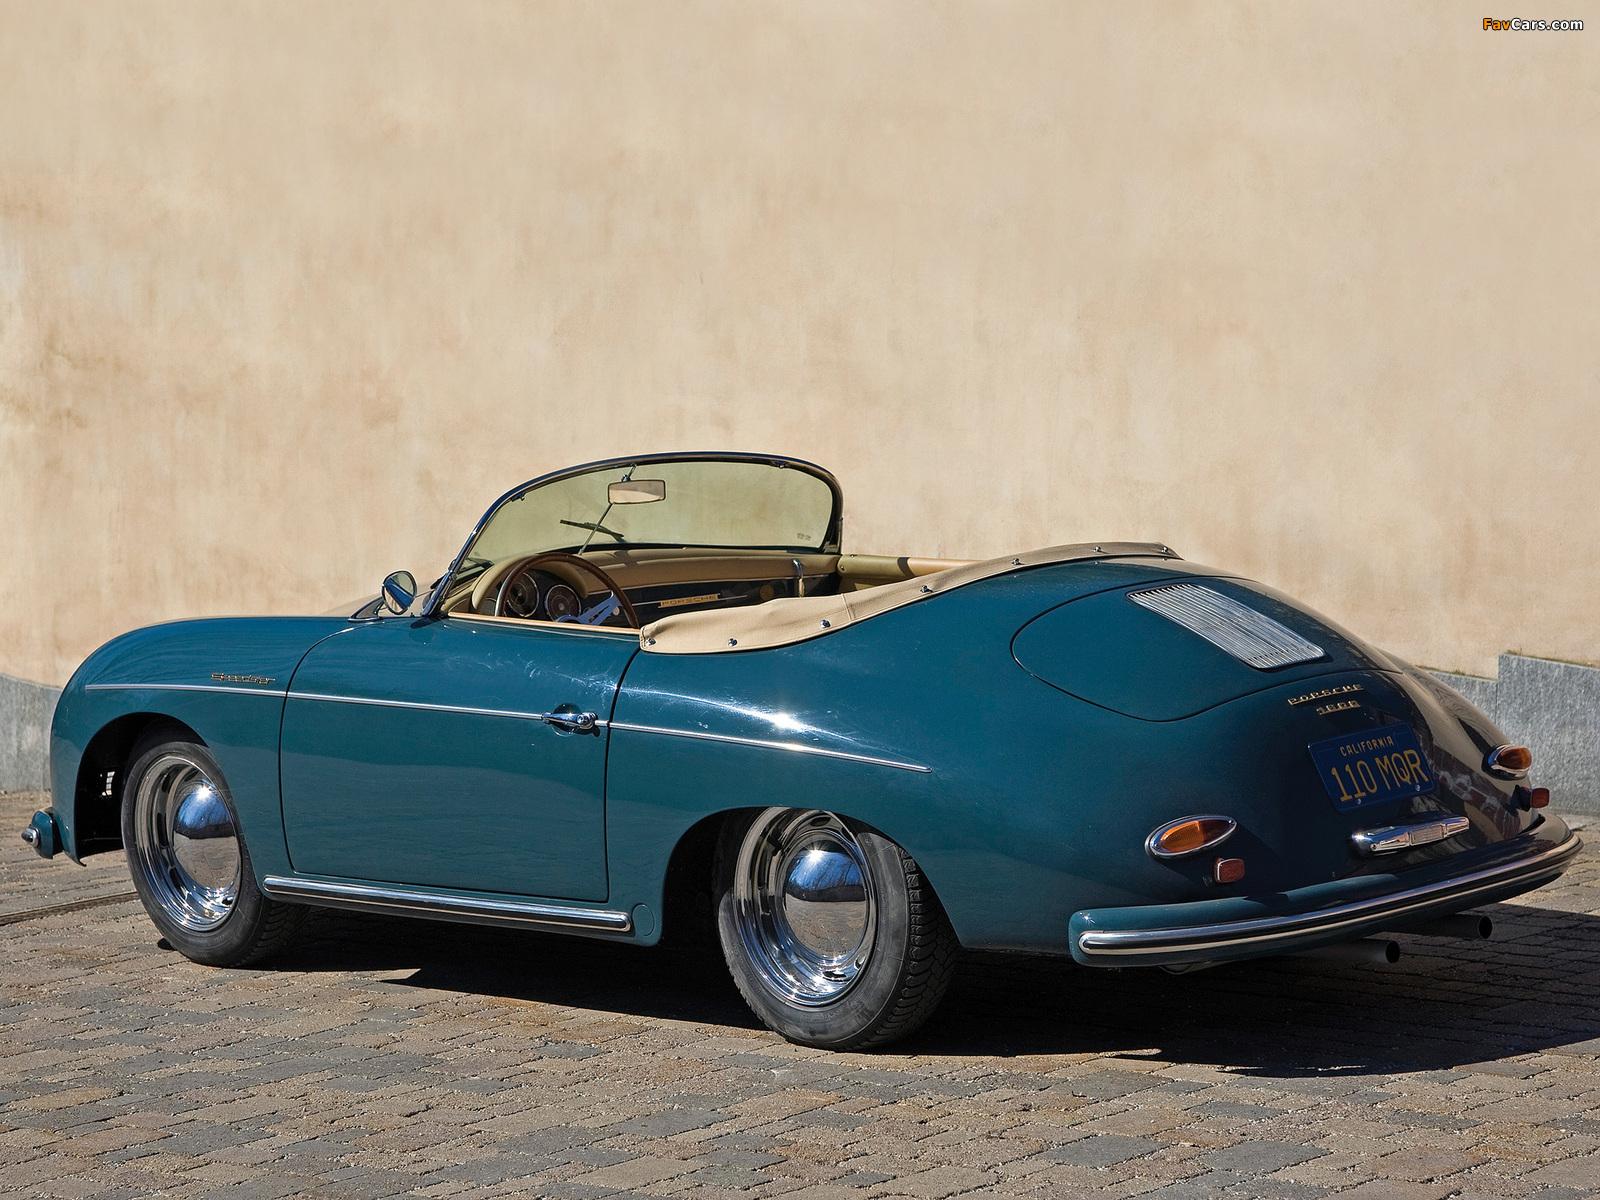 Porsche 356a 1600 Speedster 1956 58 Photos 1600x1200